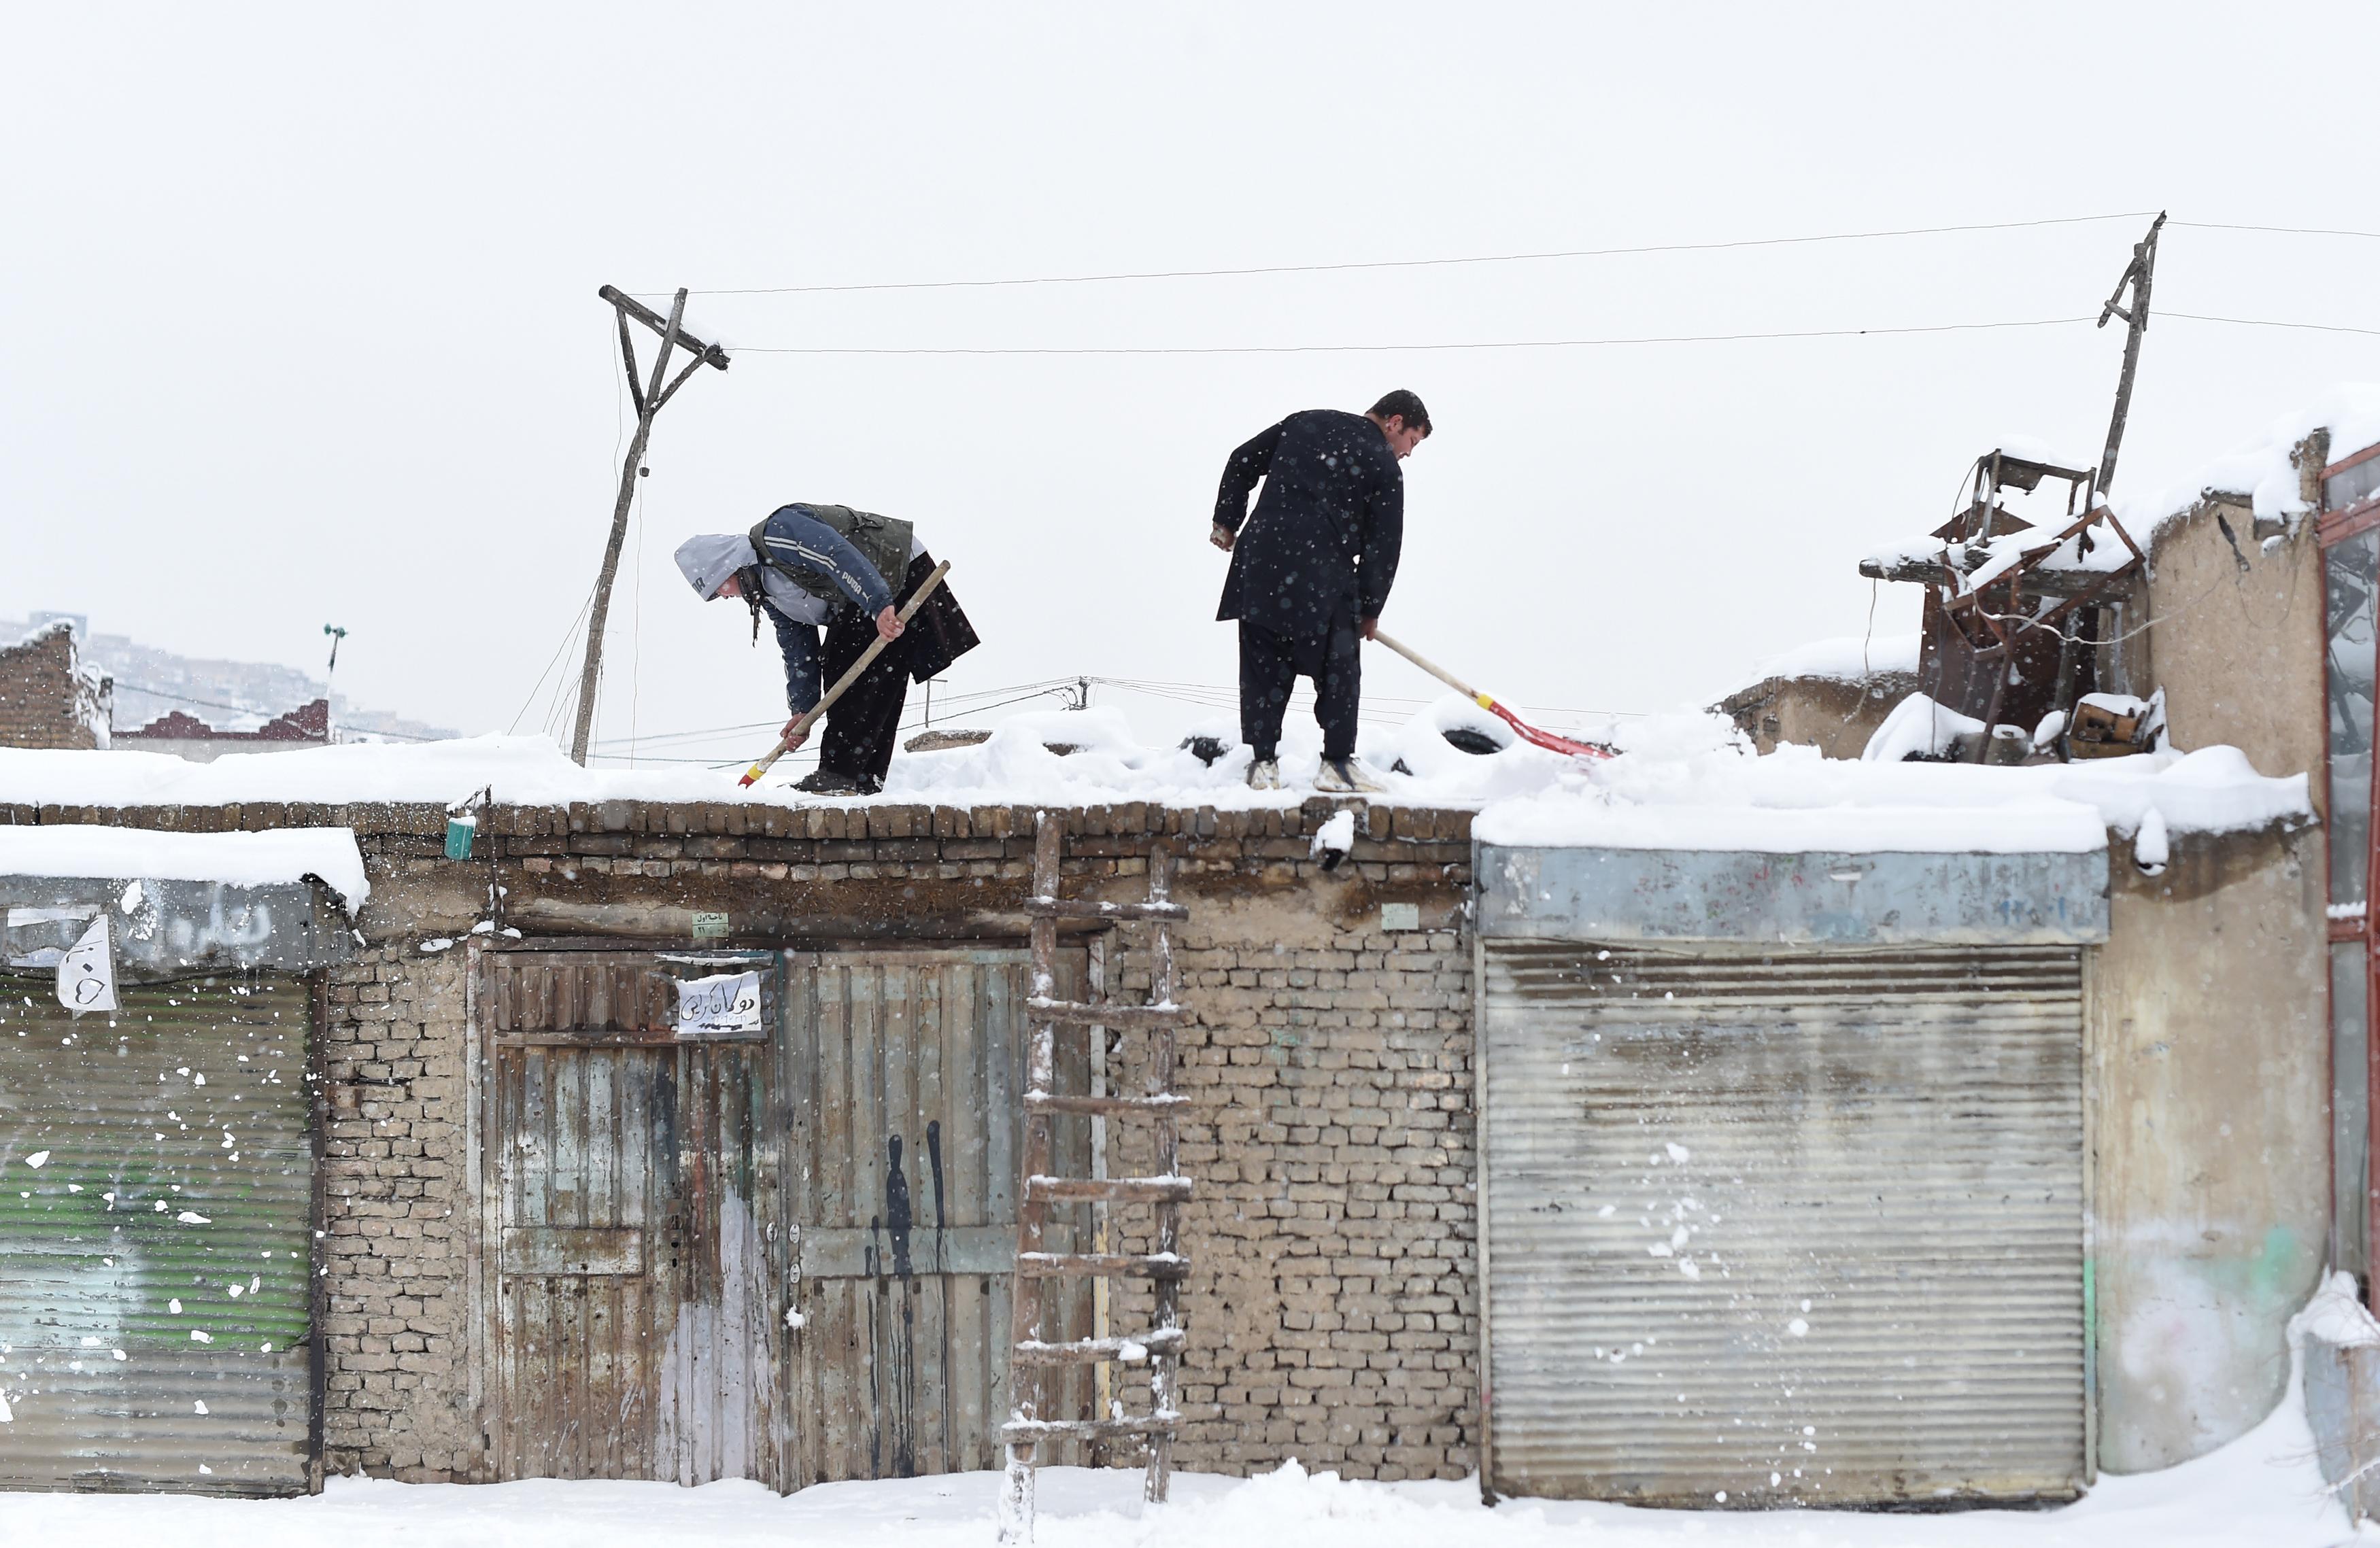 په افغانستان کې ژغورونکي هڅه کوي چې د راشي قربانیانو ته ځانونه ور ورسوي